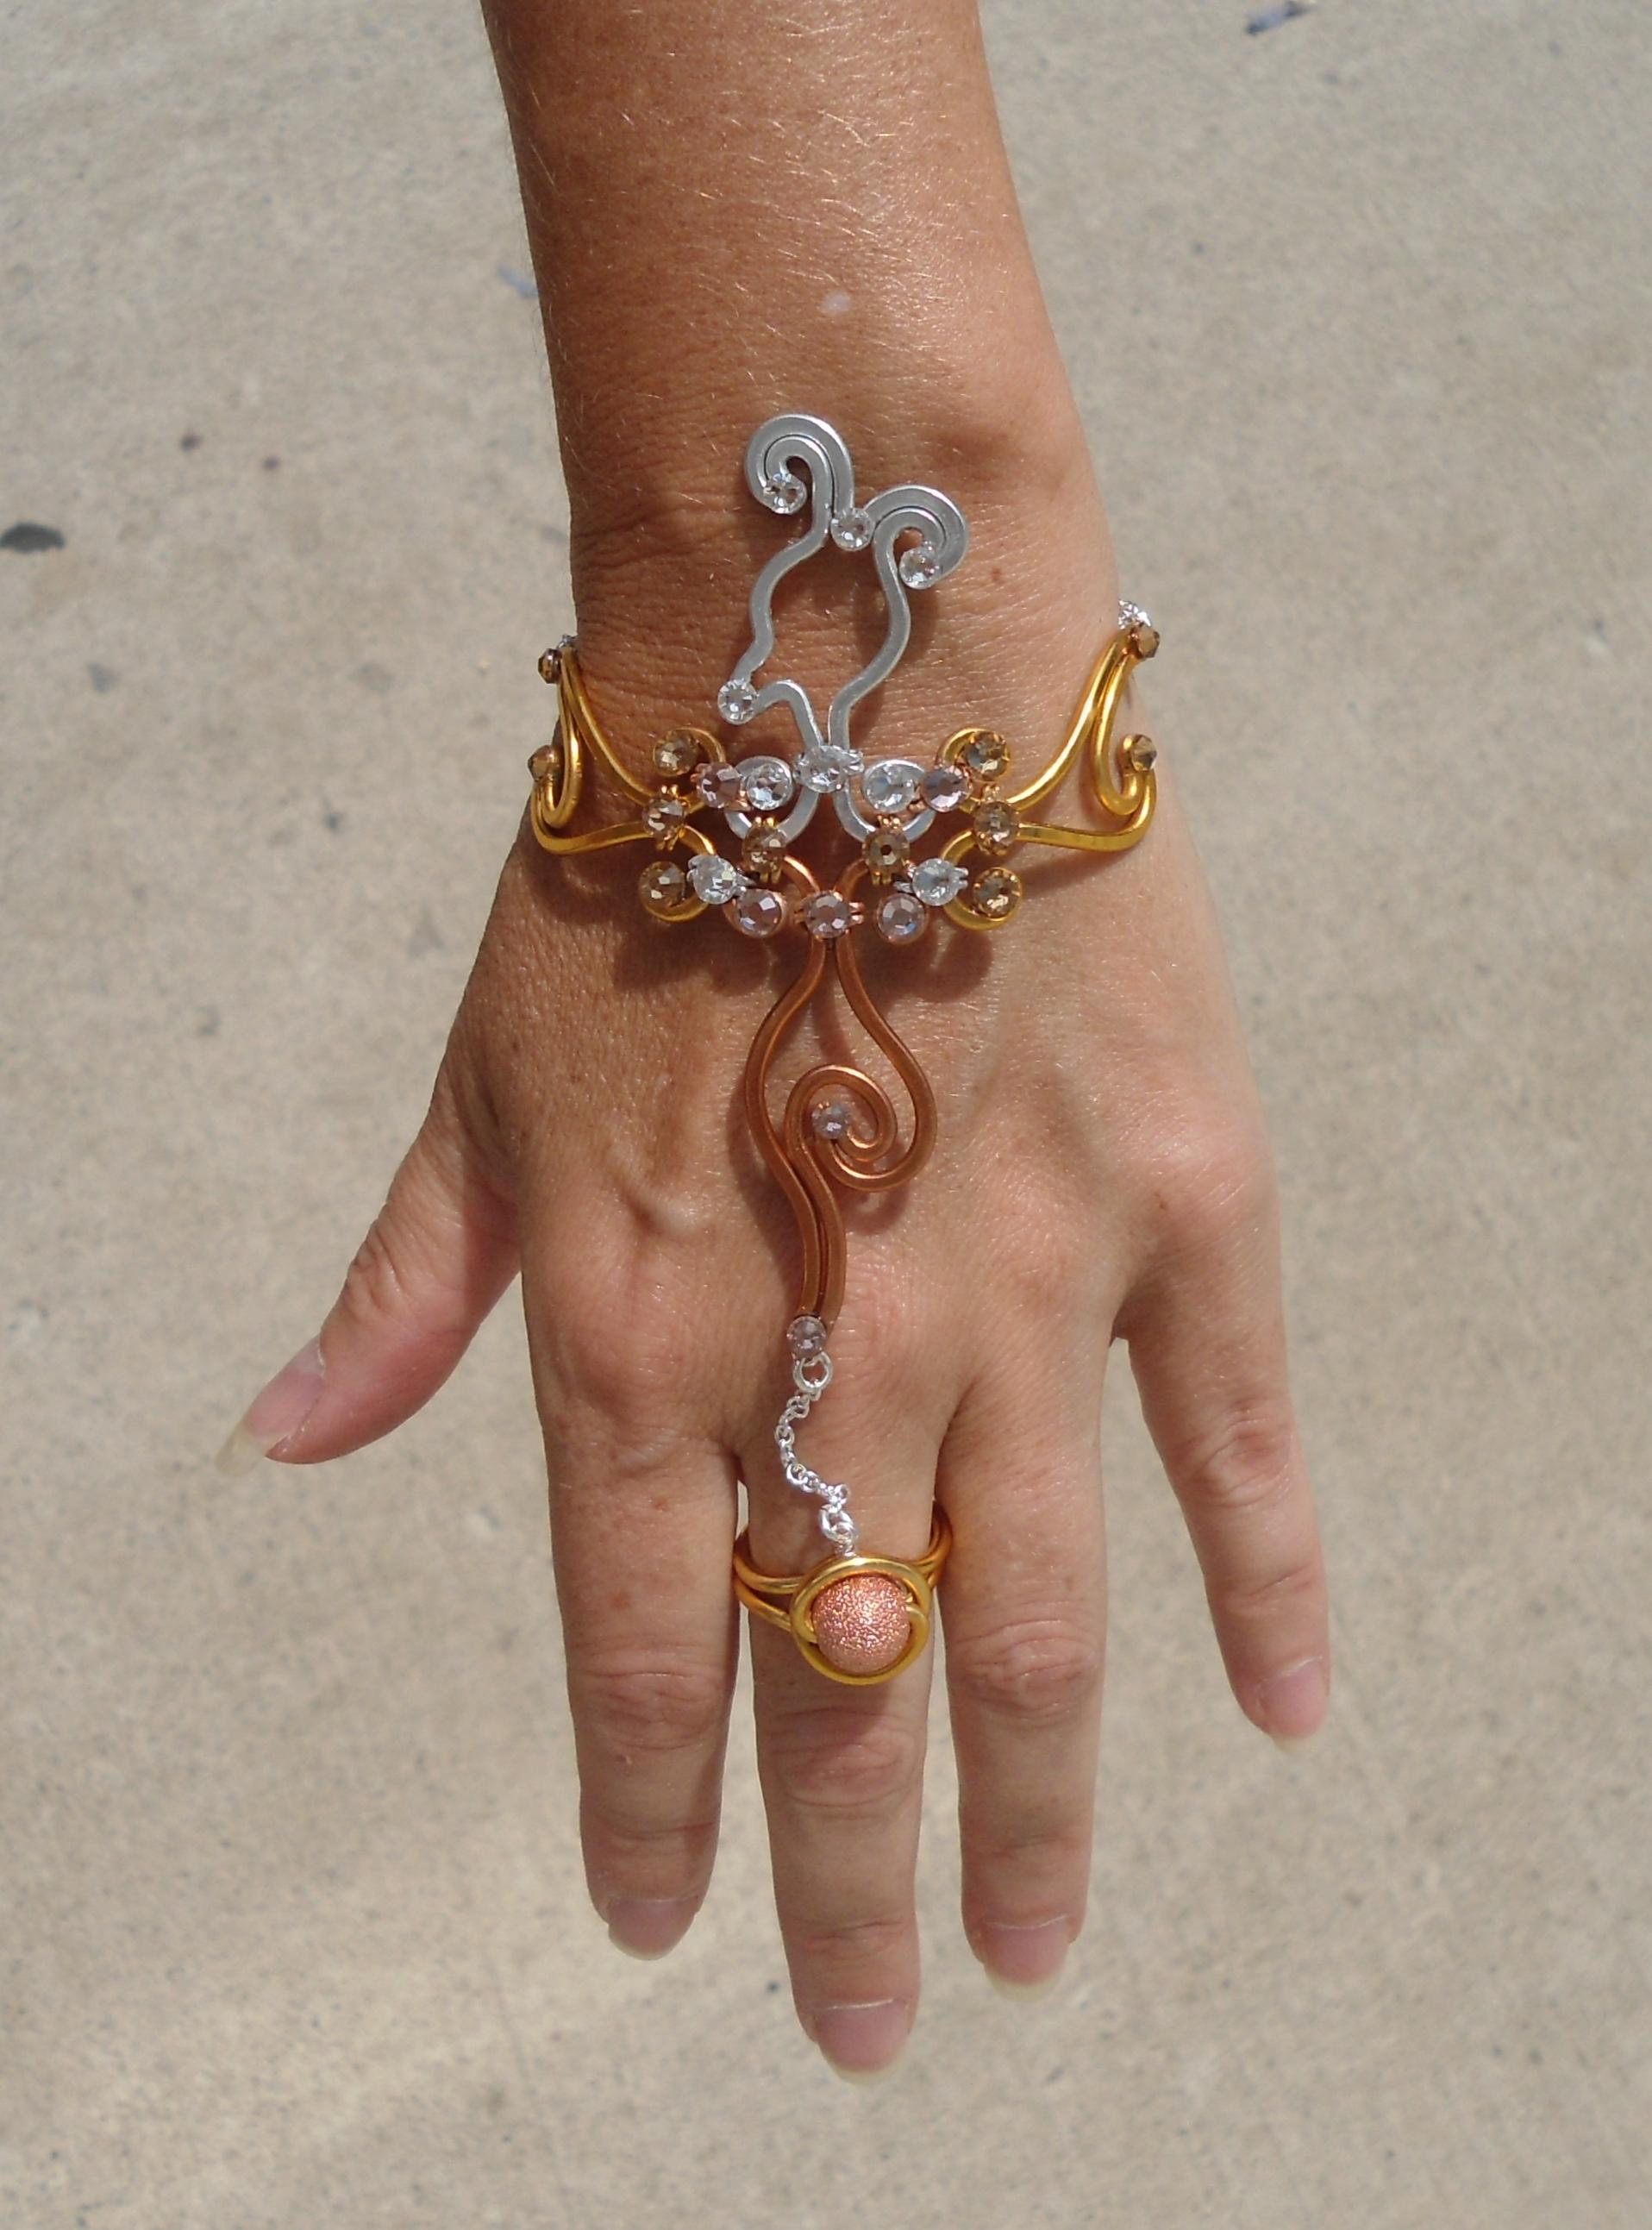 Phoenix Finger Bracelet Mixed Metals Display